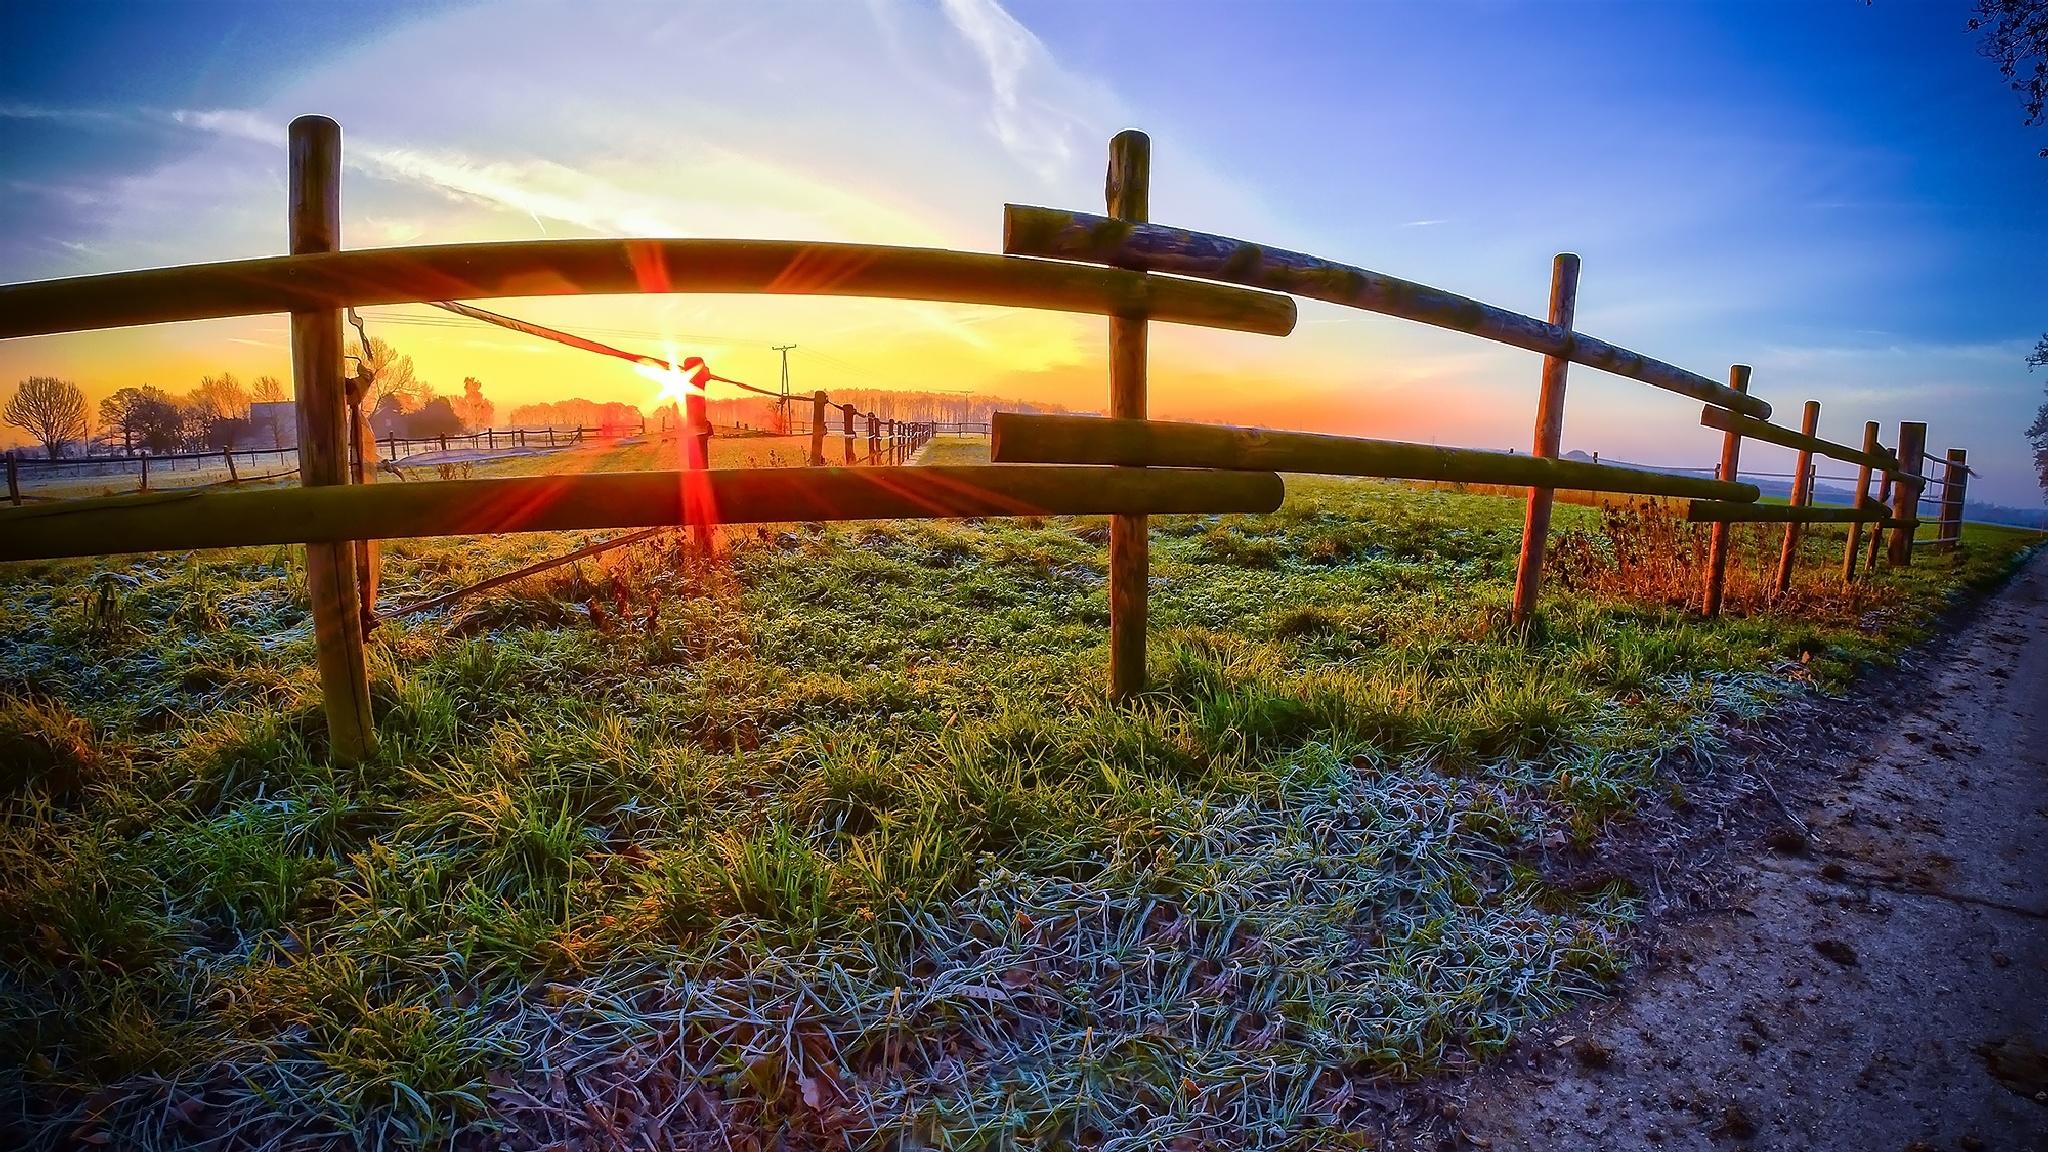 Frosty Sunrise by Manuel Wieler